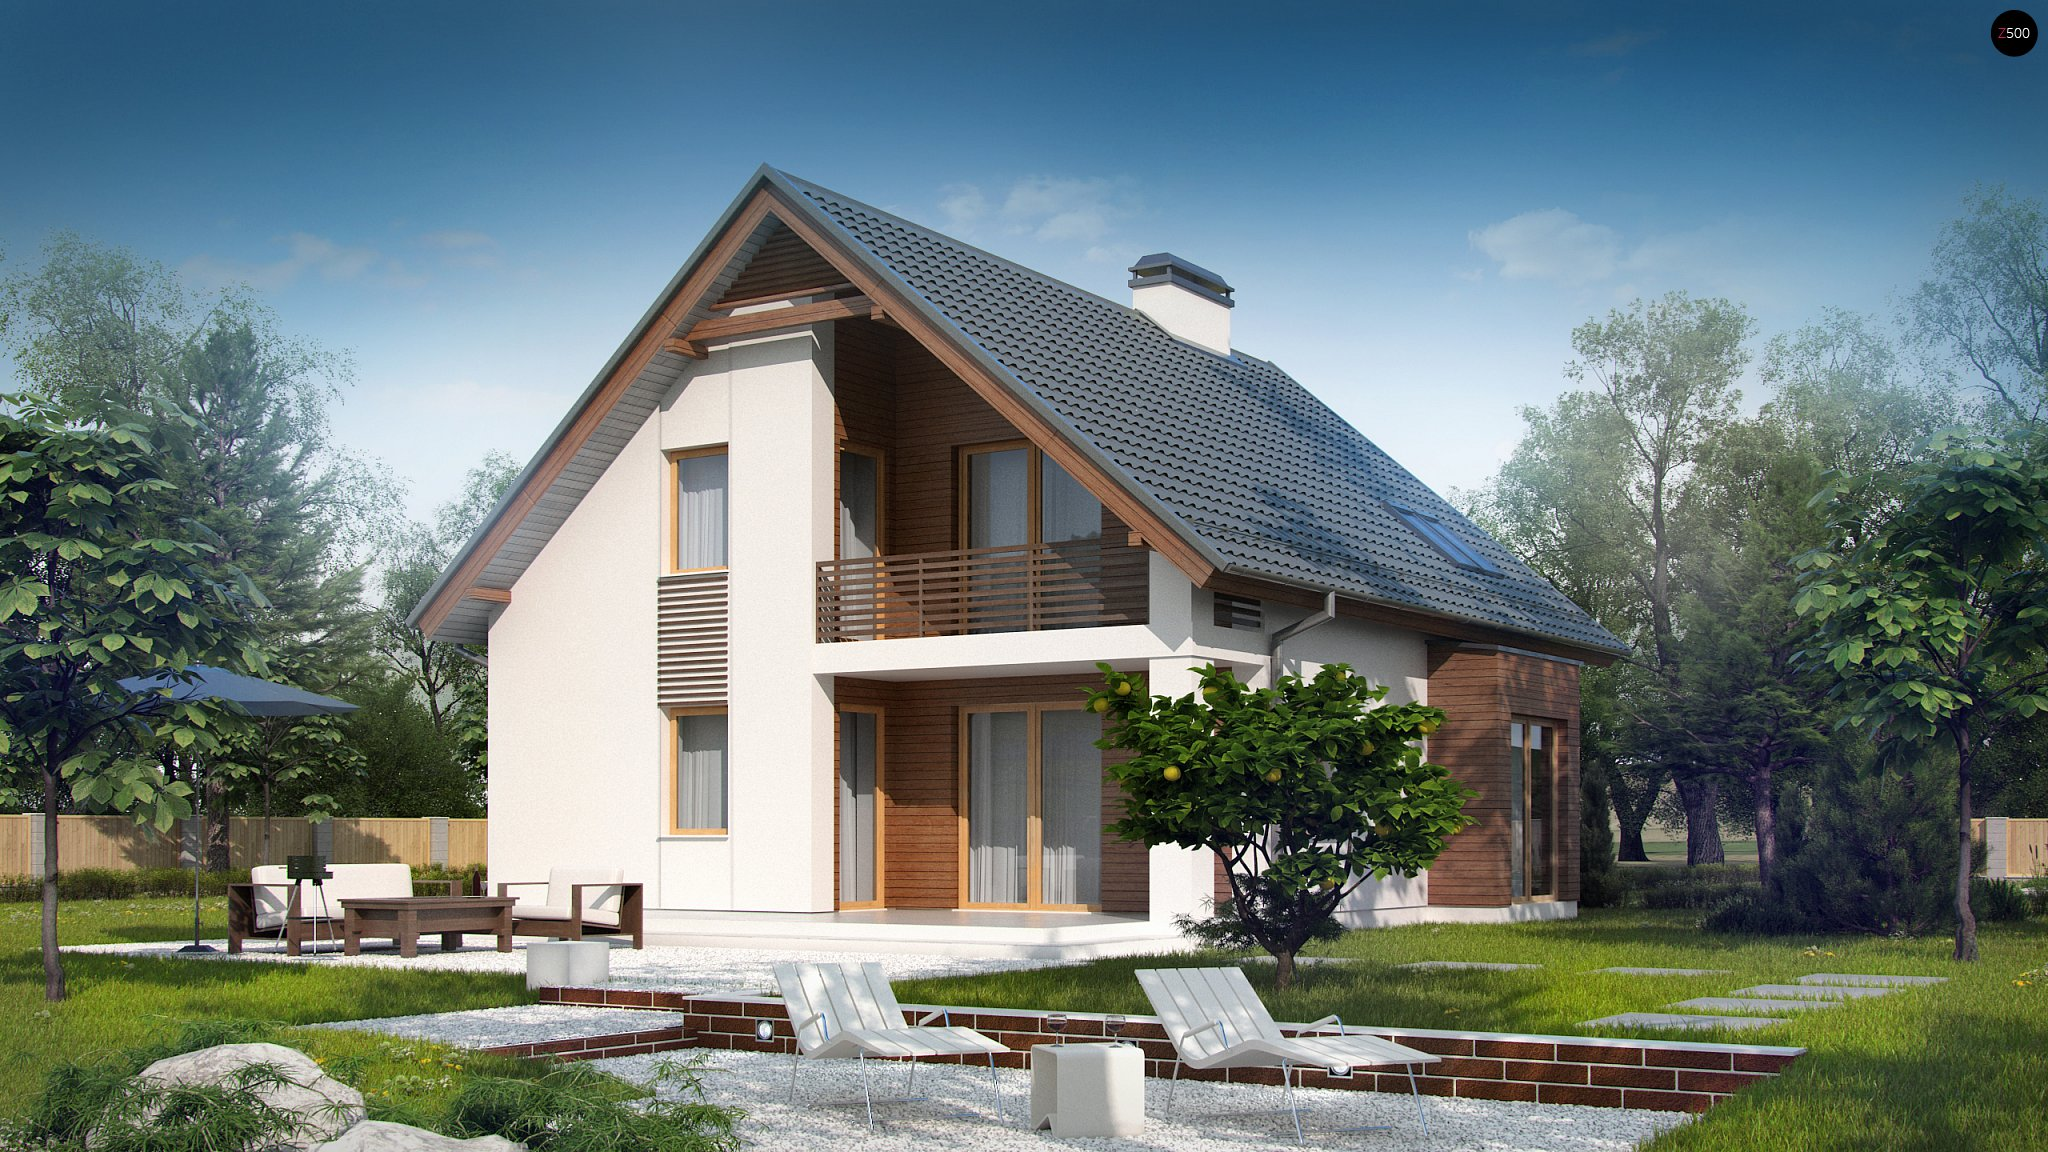 Каменные дома проекты домов из камня, строительство под ключ.